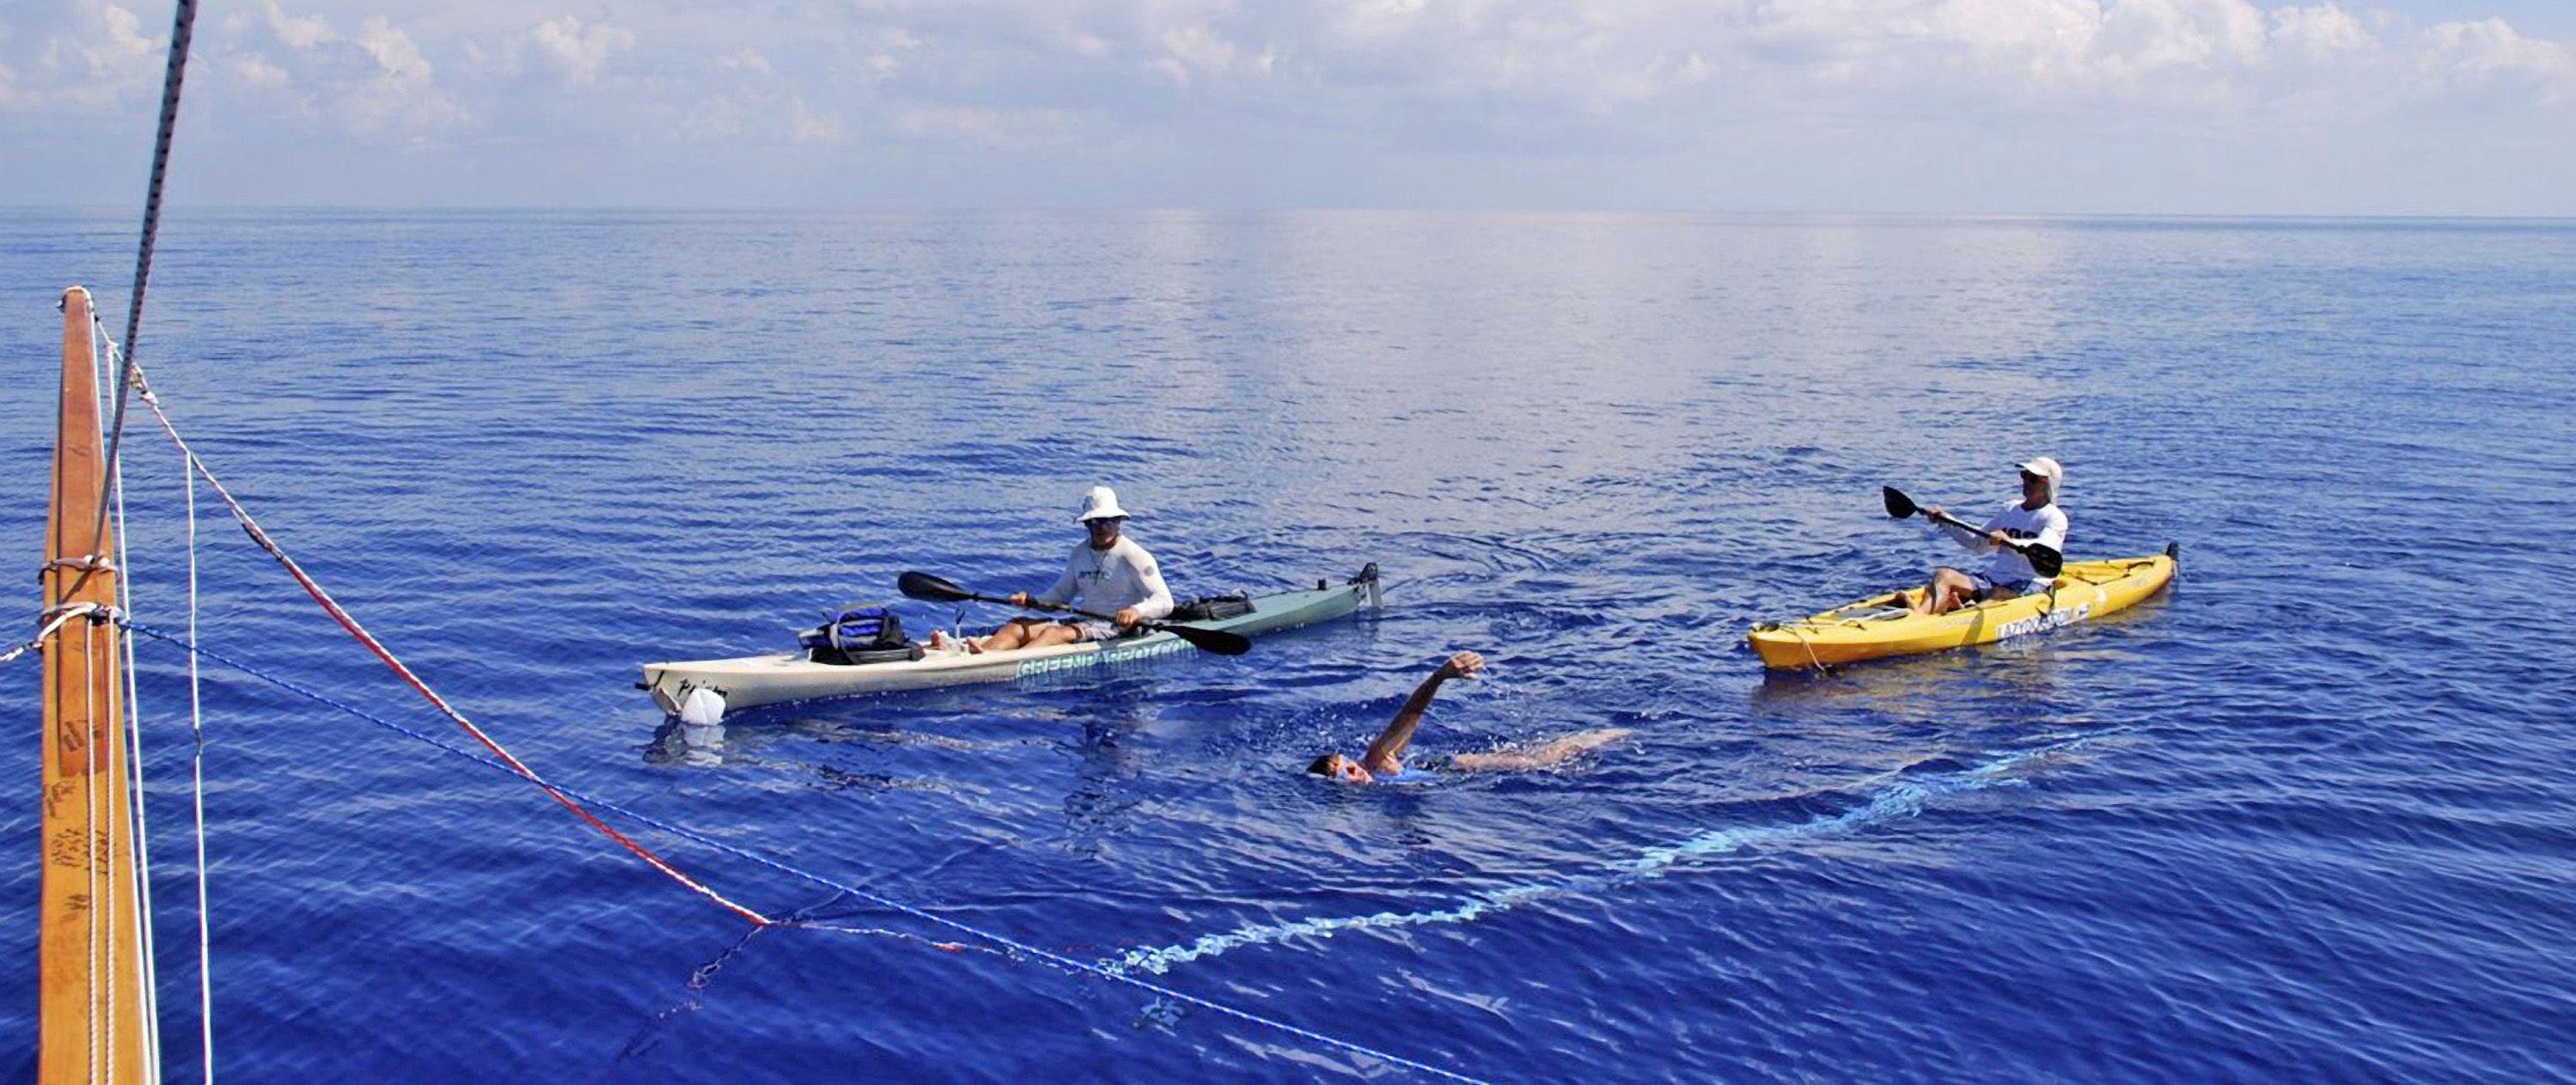 La nadadora de resistencia Diana Nyad cumplirá 63 años el miércoles y espera llegar para festejarlo en Florida el martes.